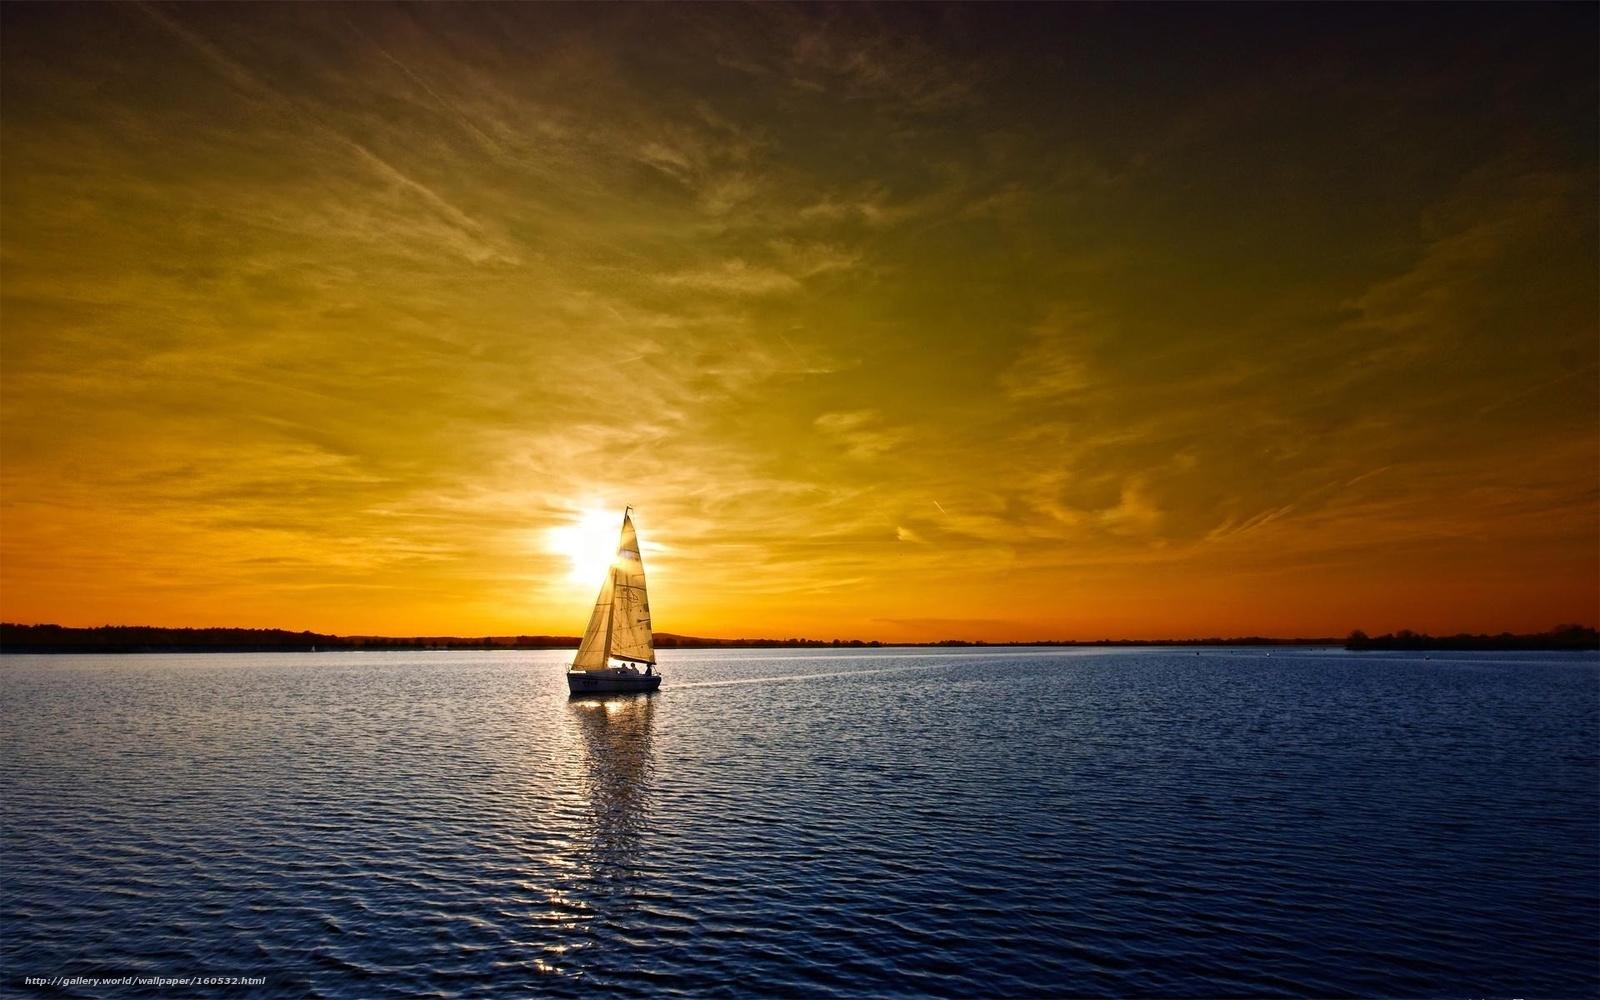 Segeln sonnenuntergang  Download Hintergrund Wasser, Sonnenuntergang, Himmel, segeln Freie ...